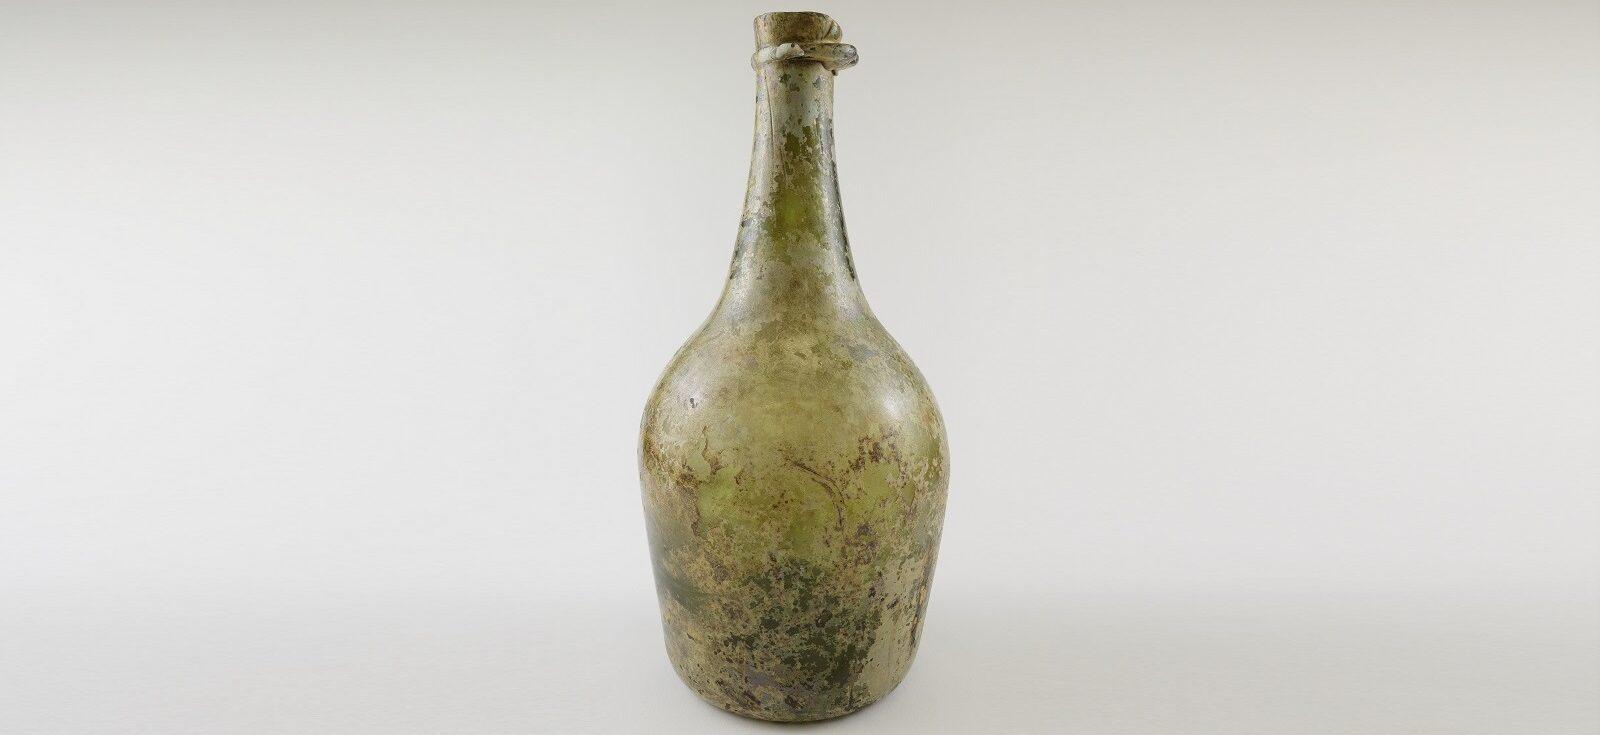 Bouteille de champagne datant de la Nouvelle-France